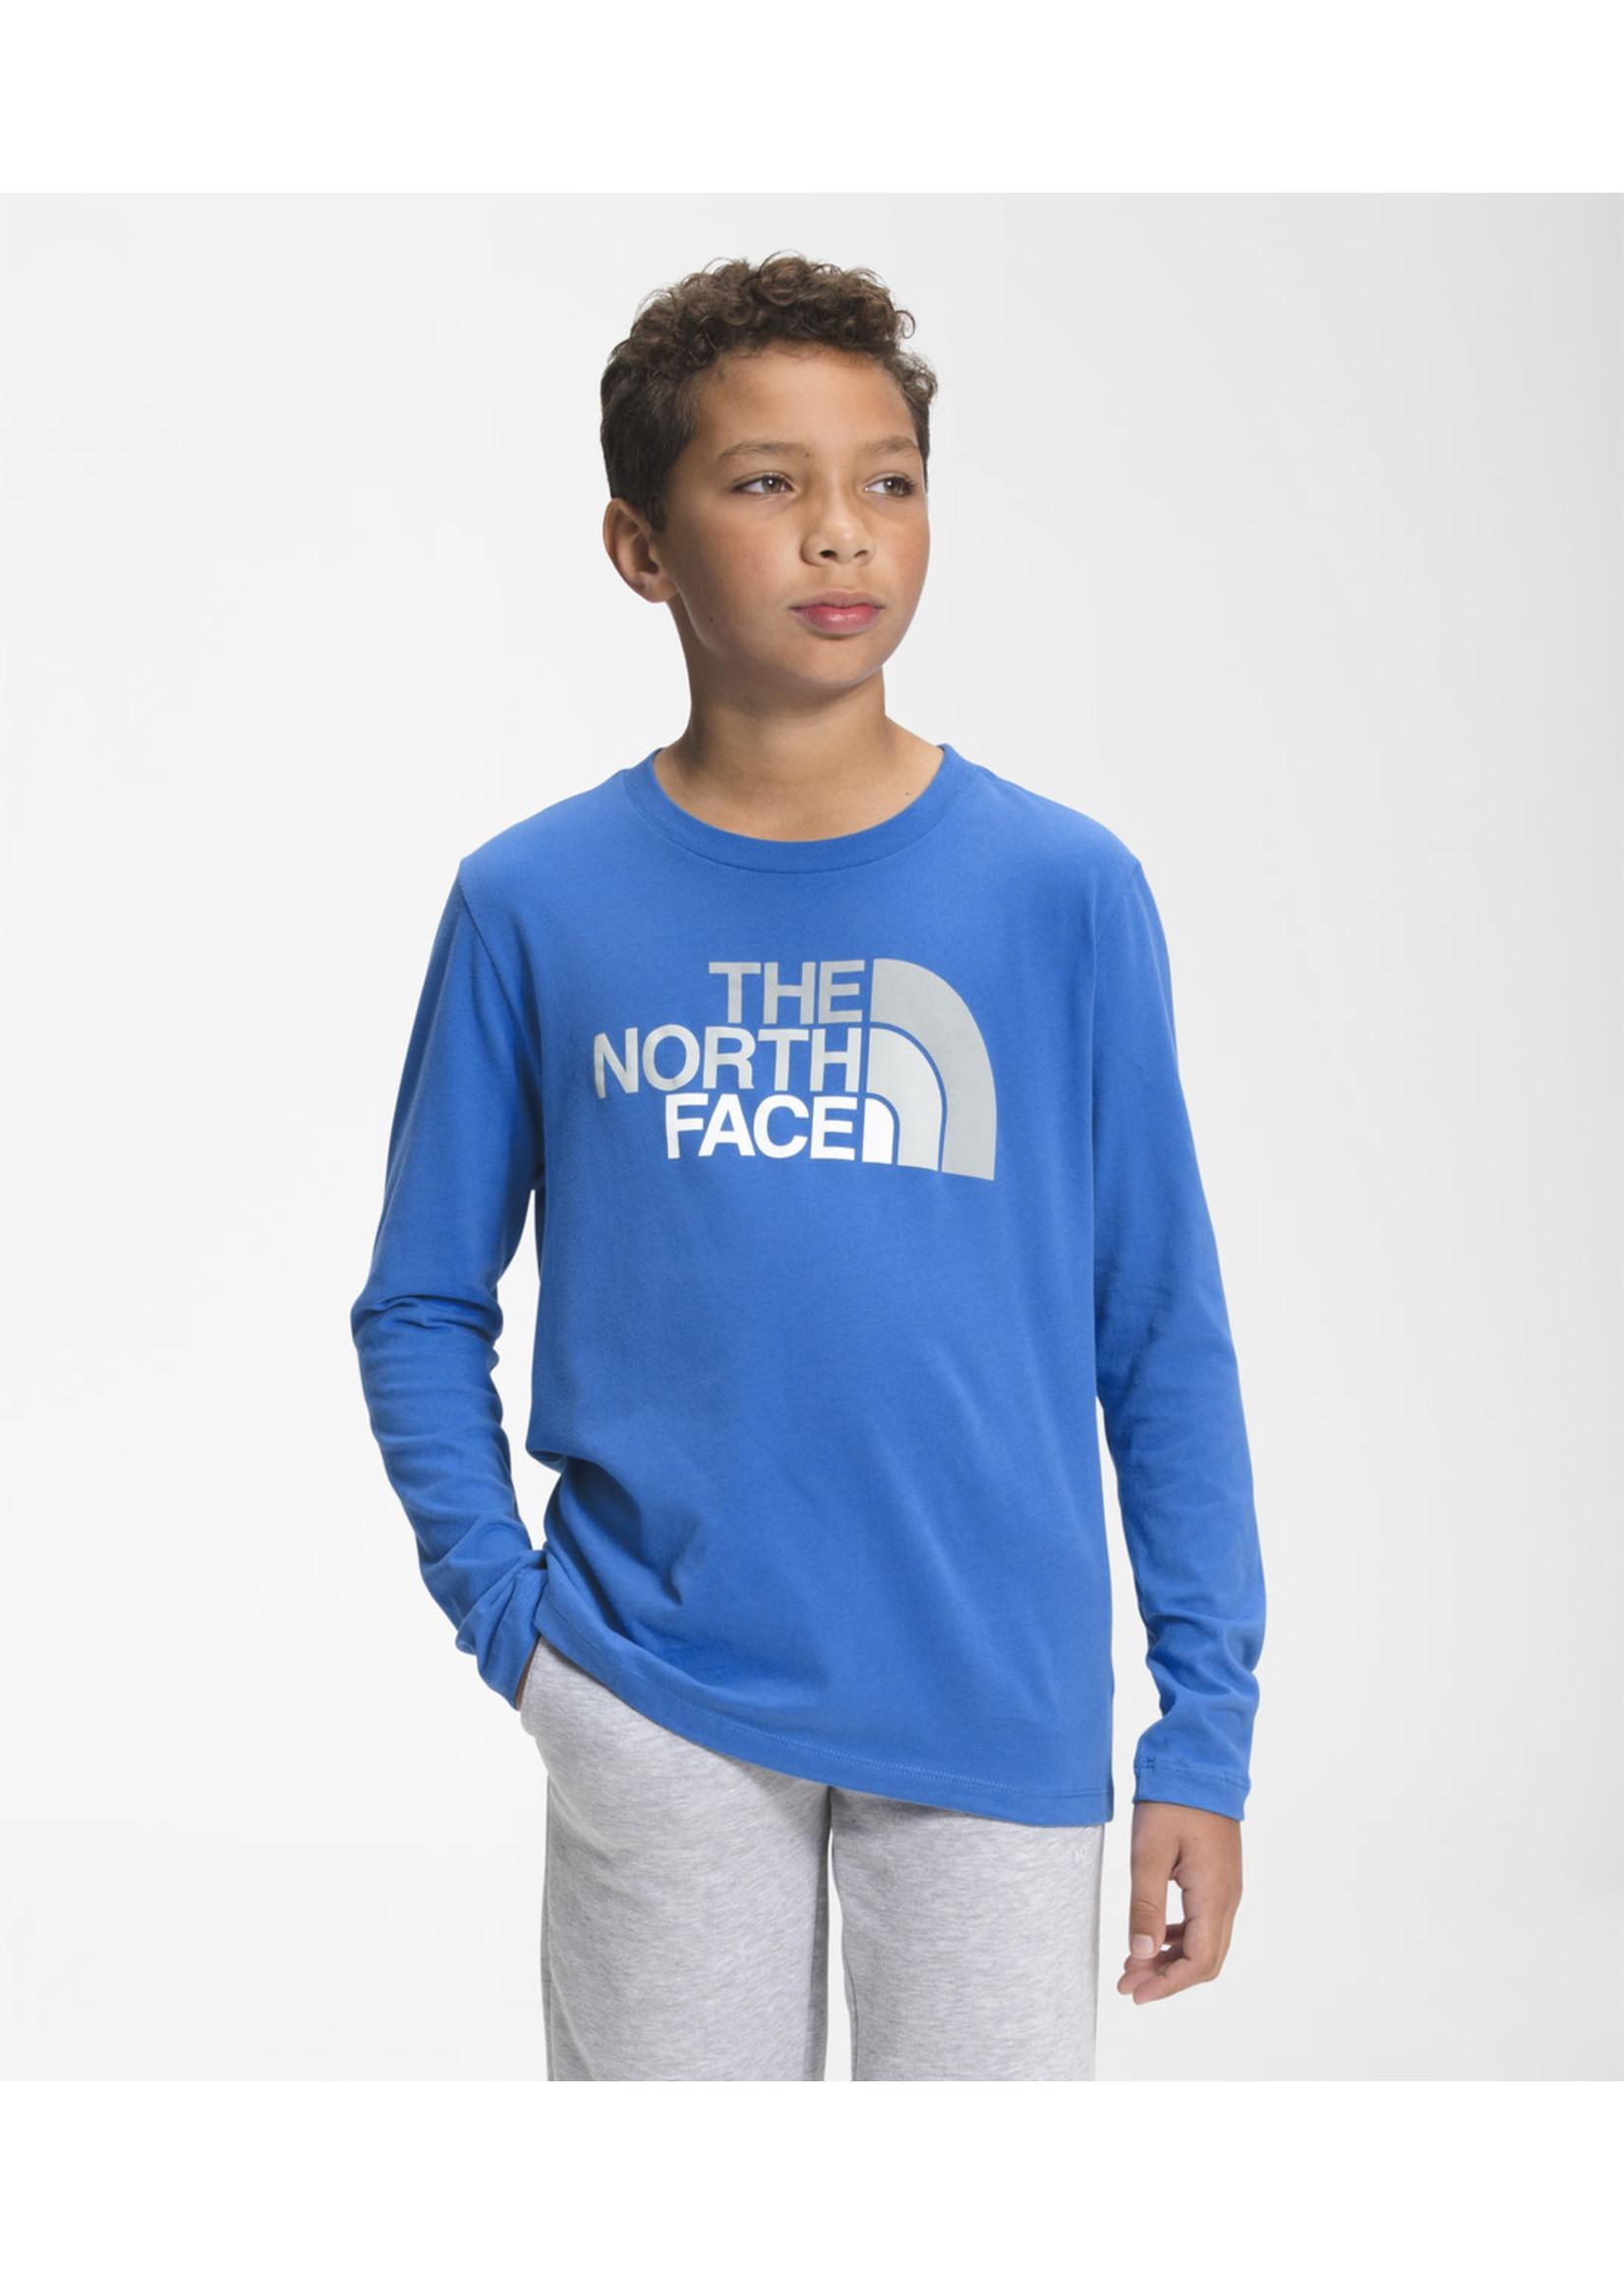 THE NORTH FACE Chandail à manches longues graphique pour garçon